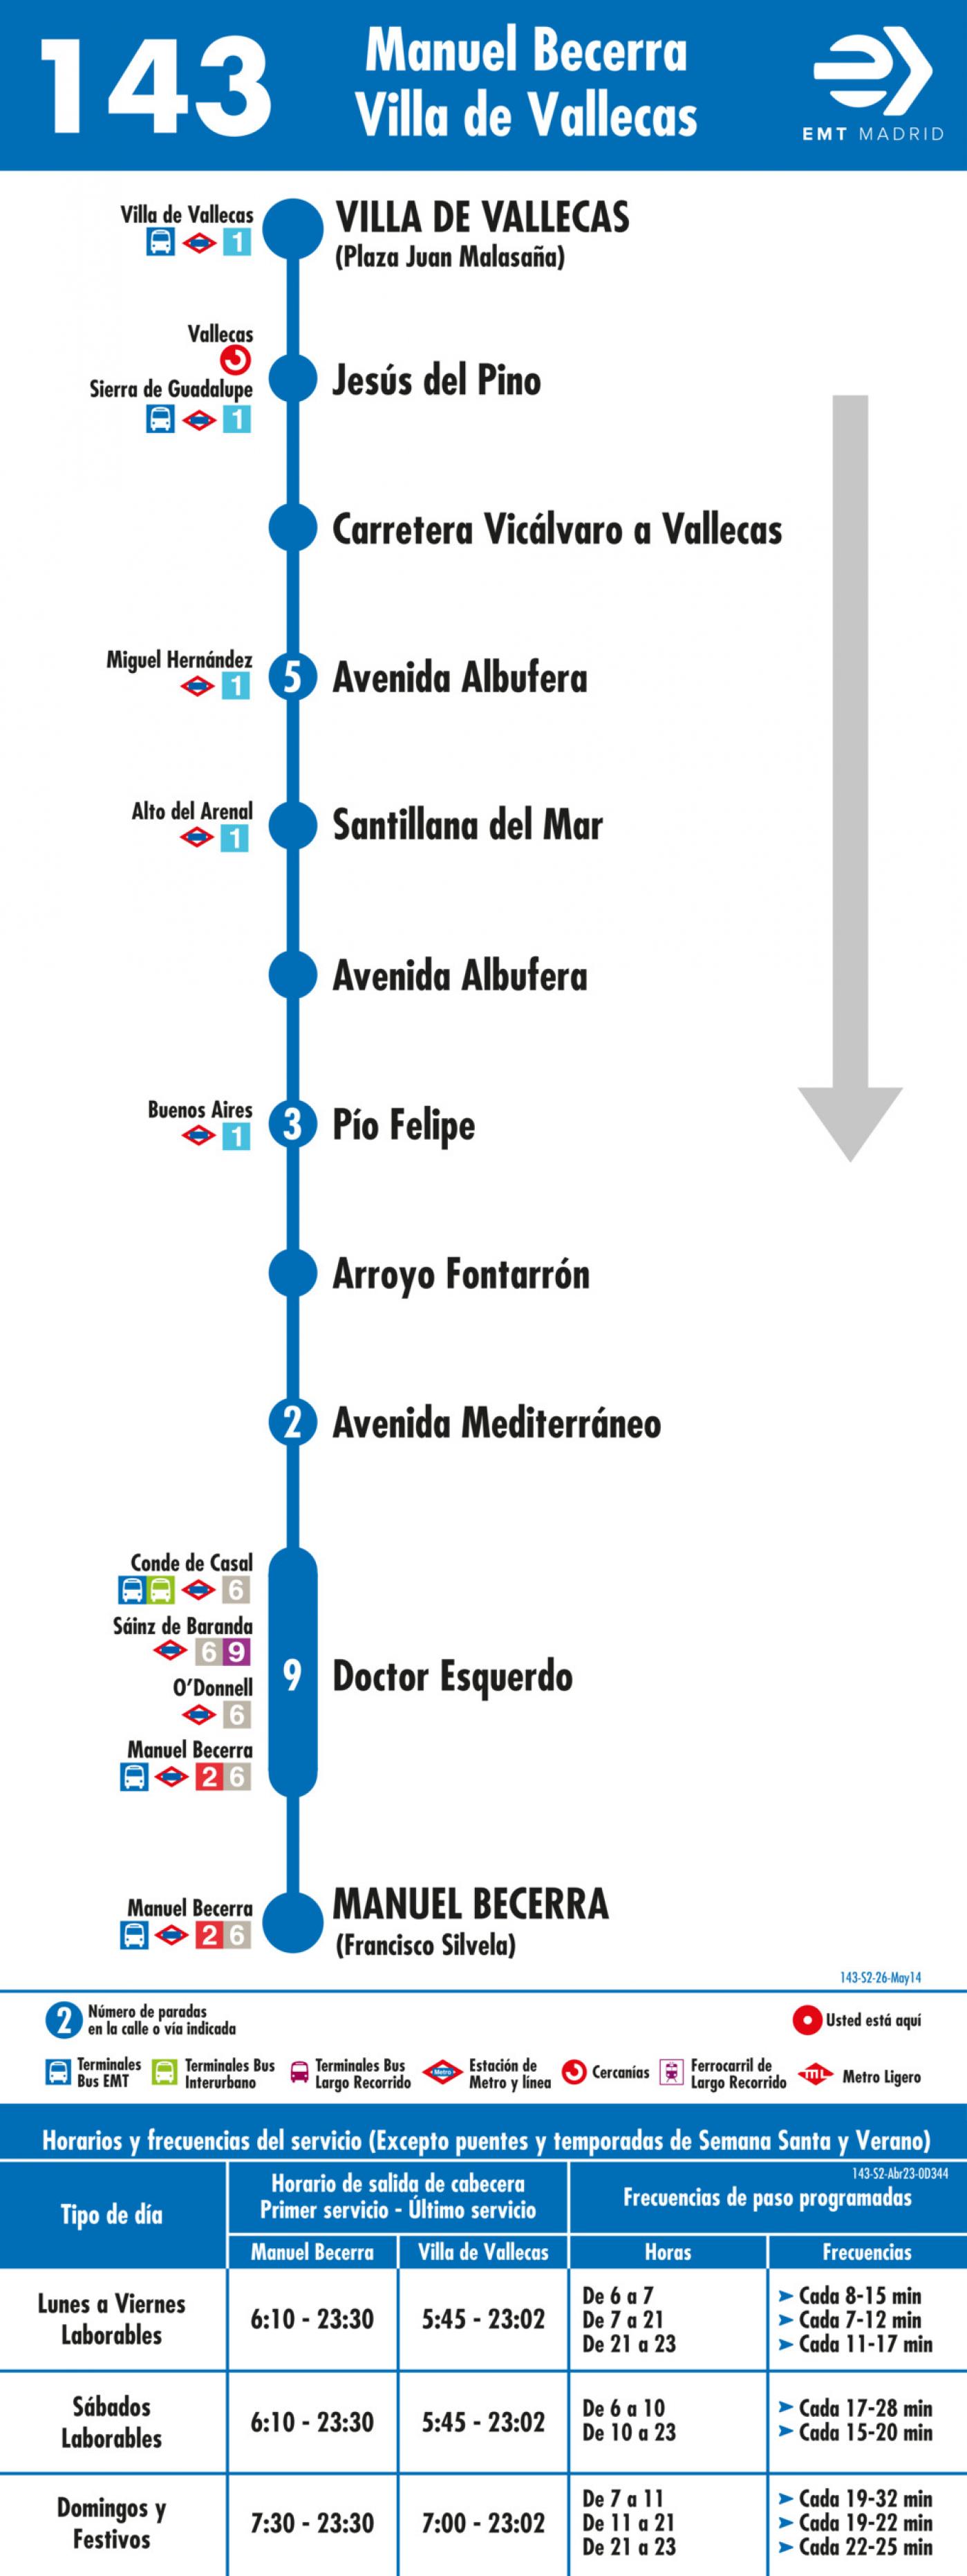 Tabla de horarios y frecuencias de paso en sentido vuelta Línea 143: Plaza de Manuel Becerra - Villa de Vallecas